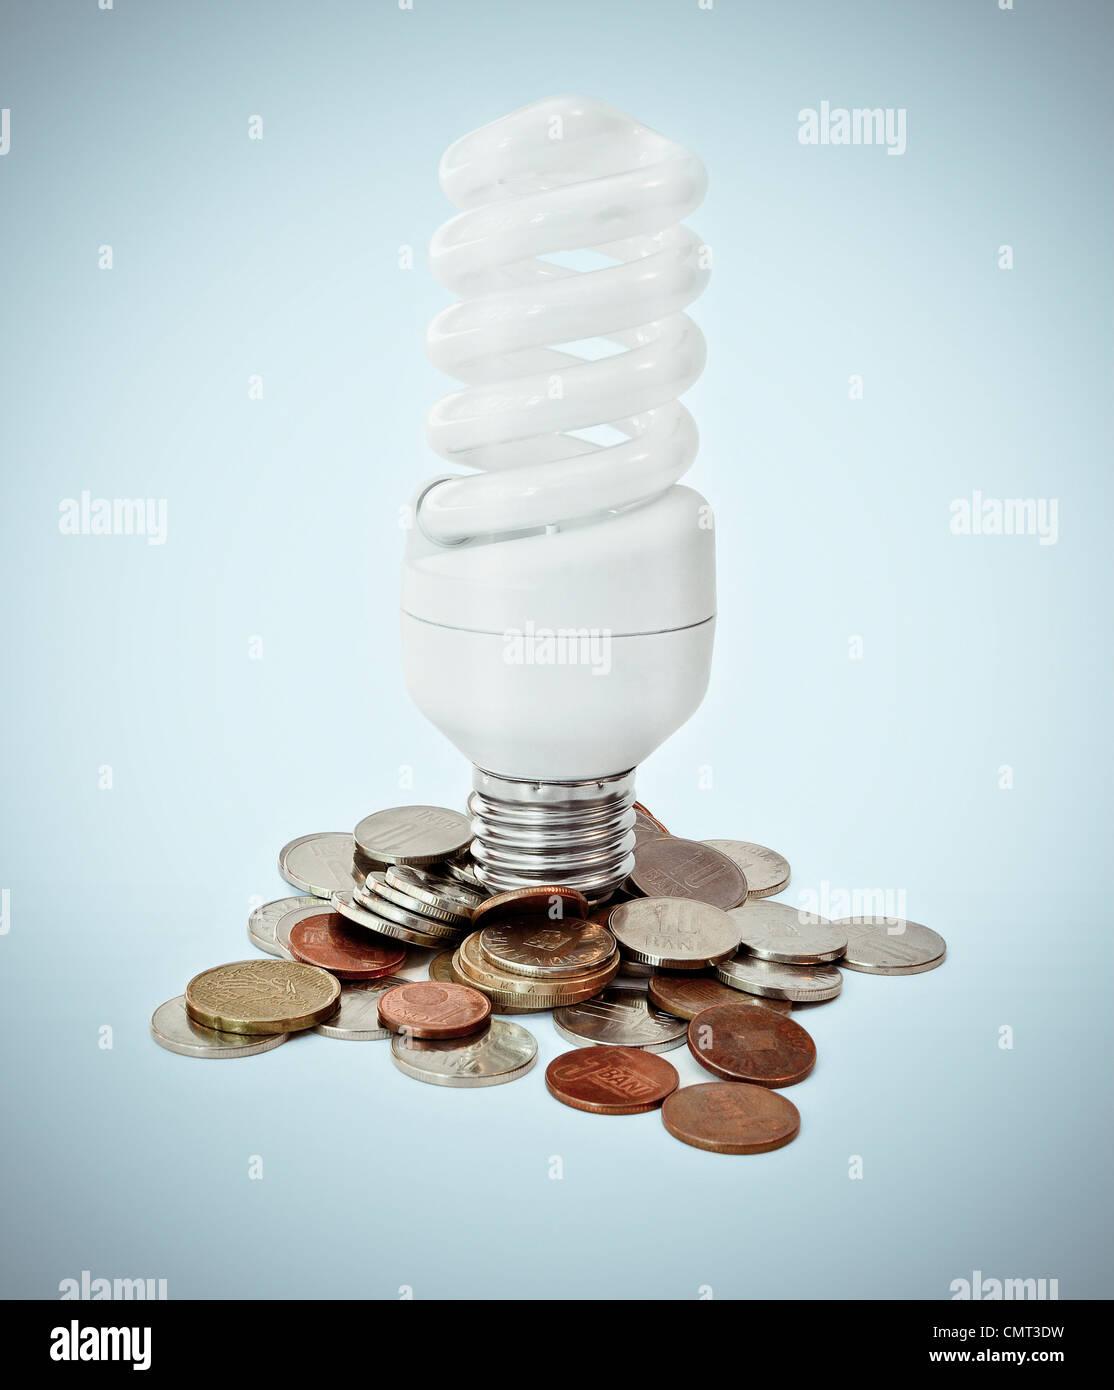 Eco concept lighbulb les économies d'énergie et d'argent Banque D'Images